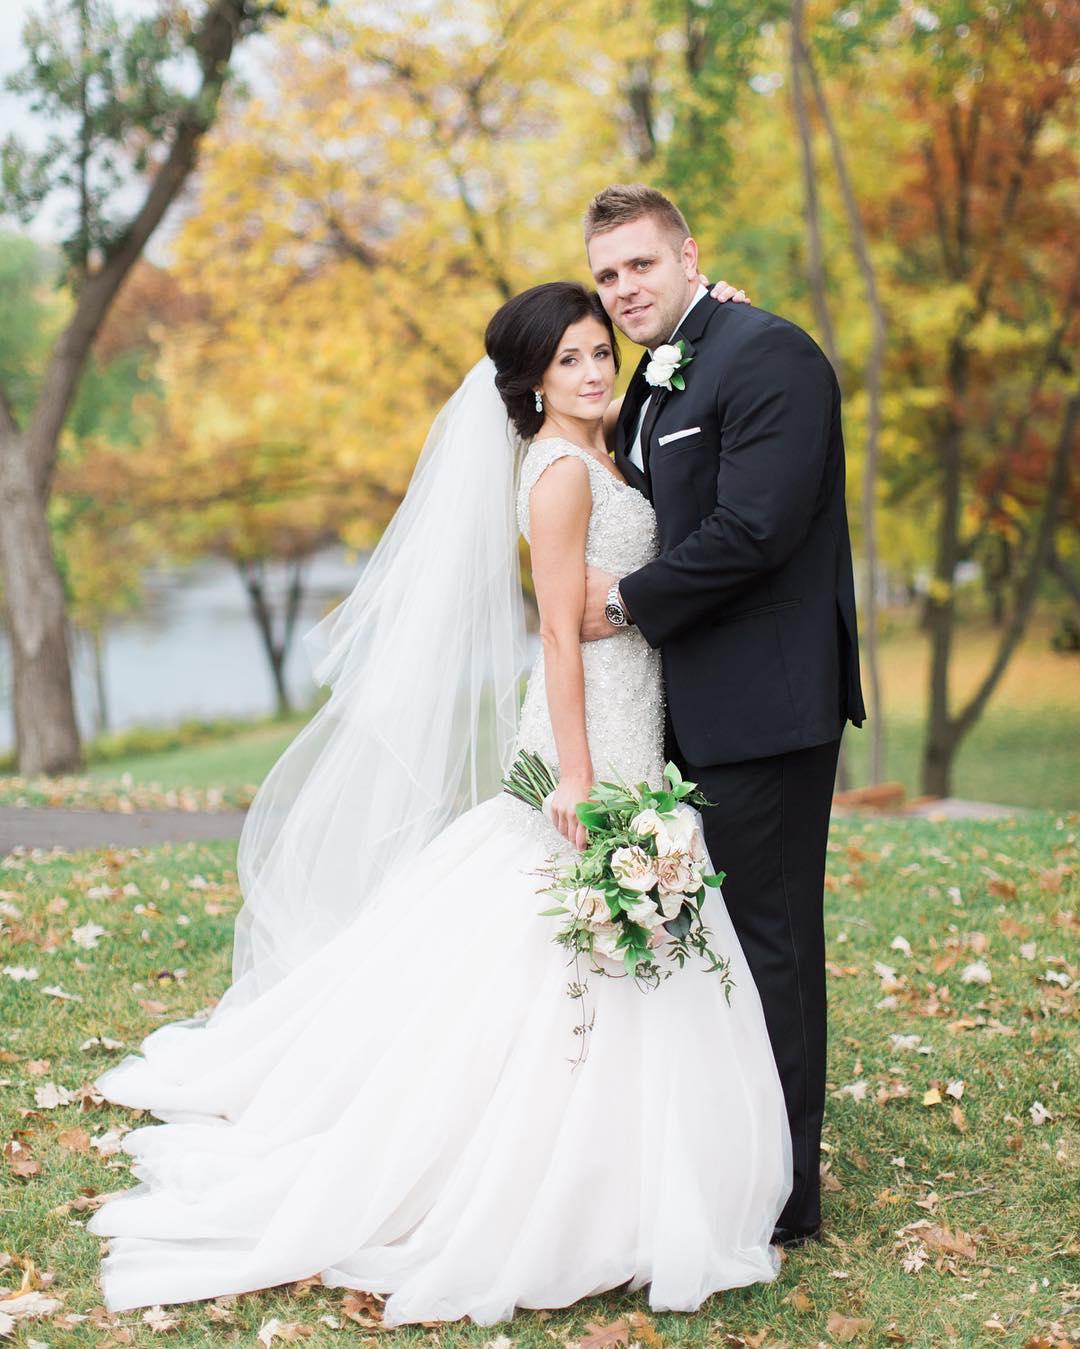 Свадьбы в октябре (5 фото)